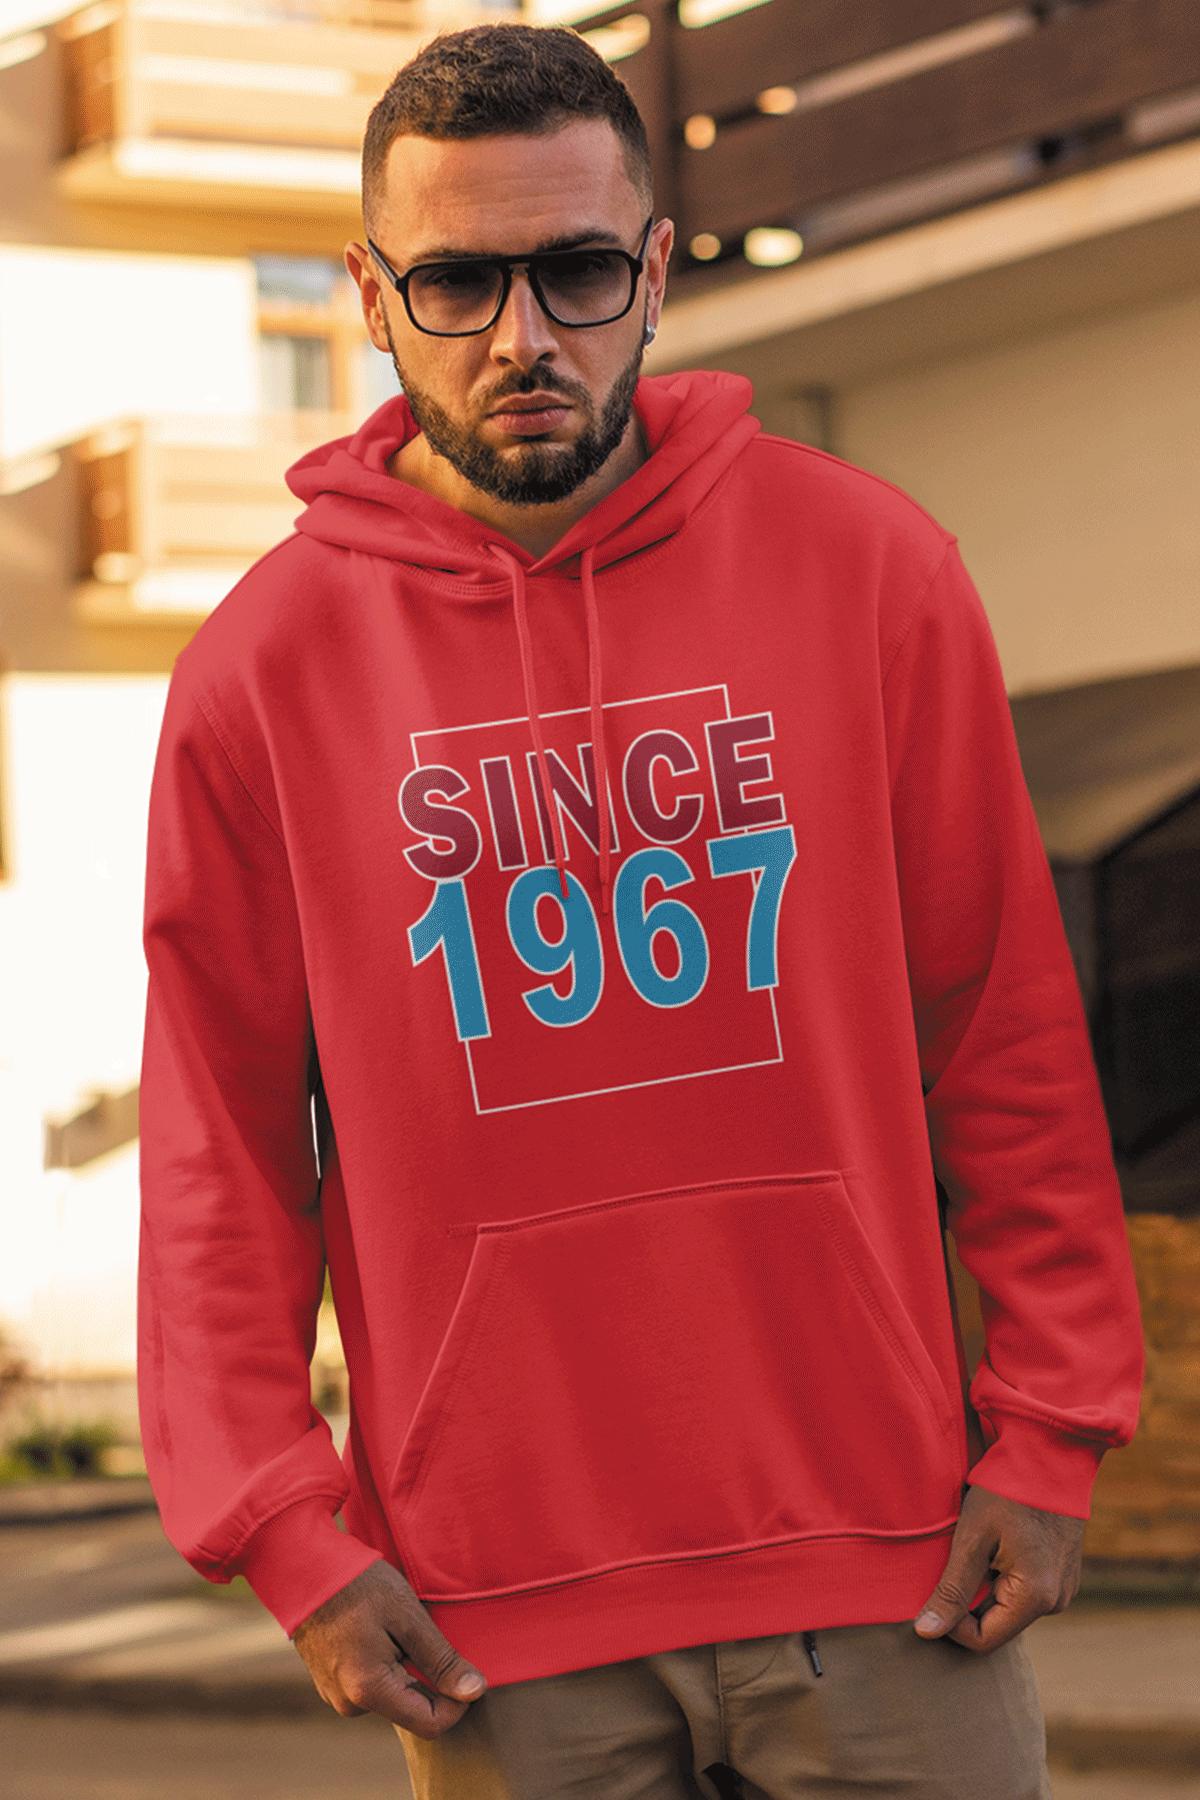 Since 1967 Kırmızı Erkek Kapşonlu Sweatshirt - Hoodie